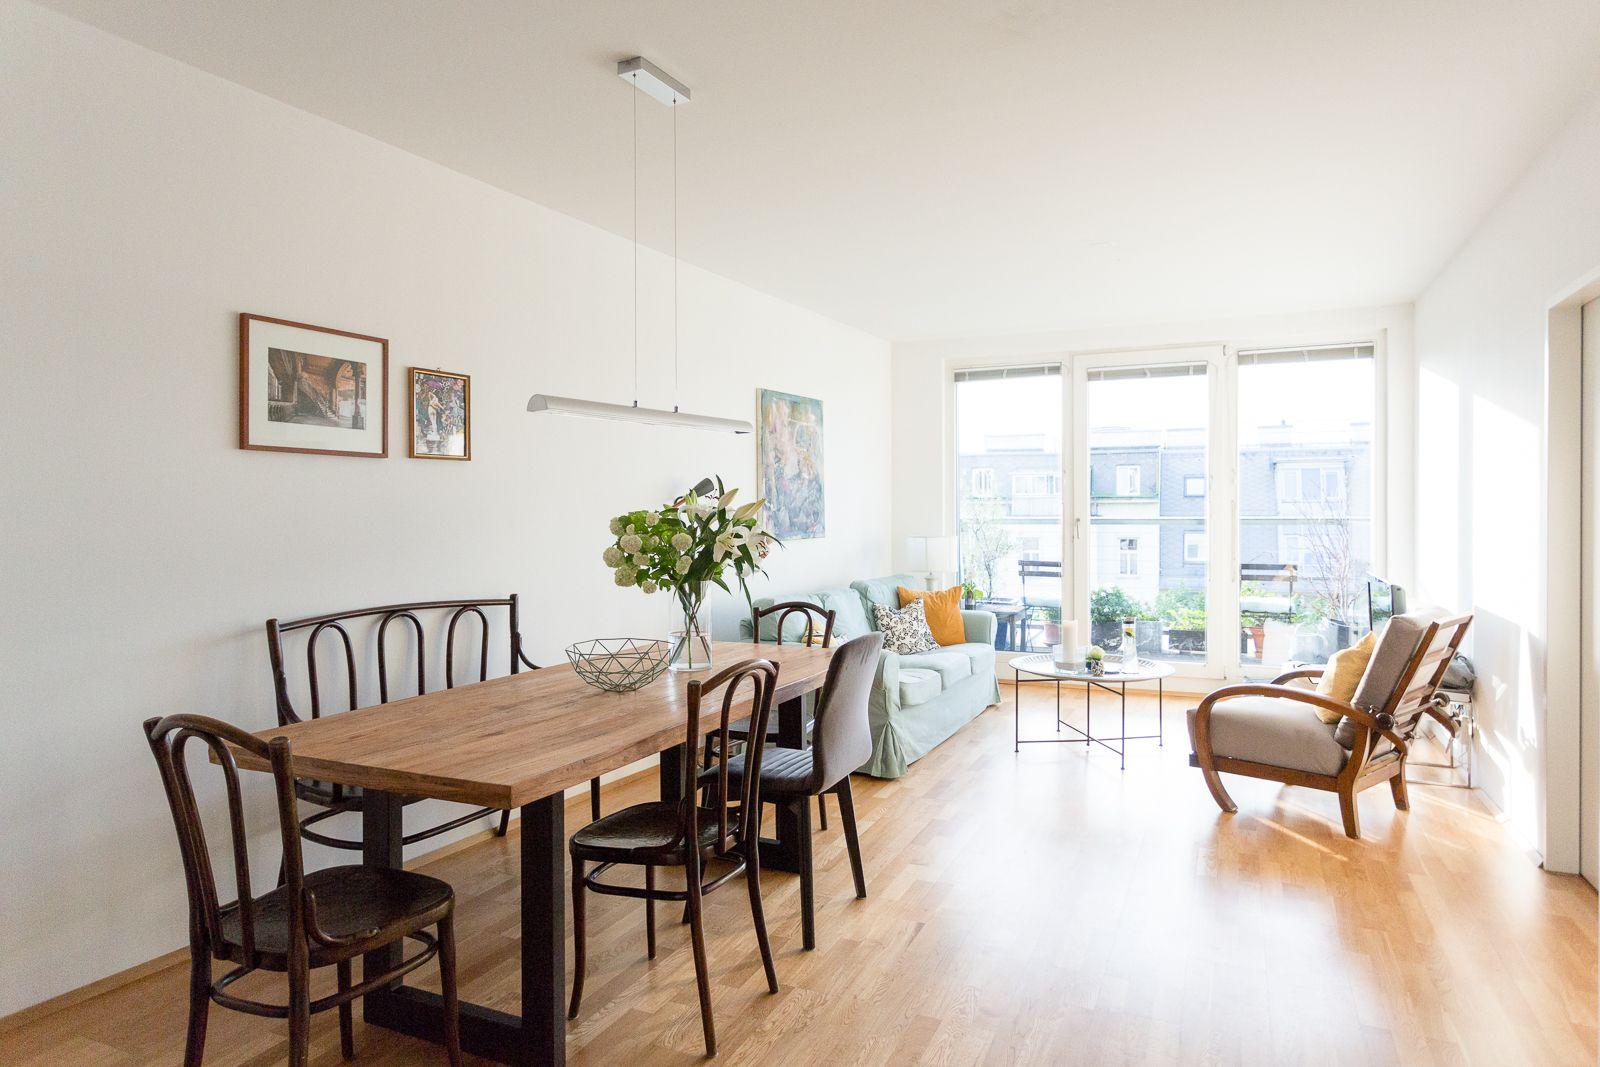 Willkommen zu hause design bilder homestory u willkommen in meinem zuhause u feelinterieur  feel